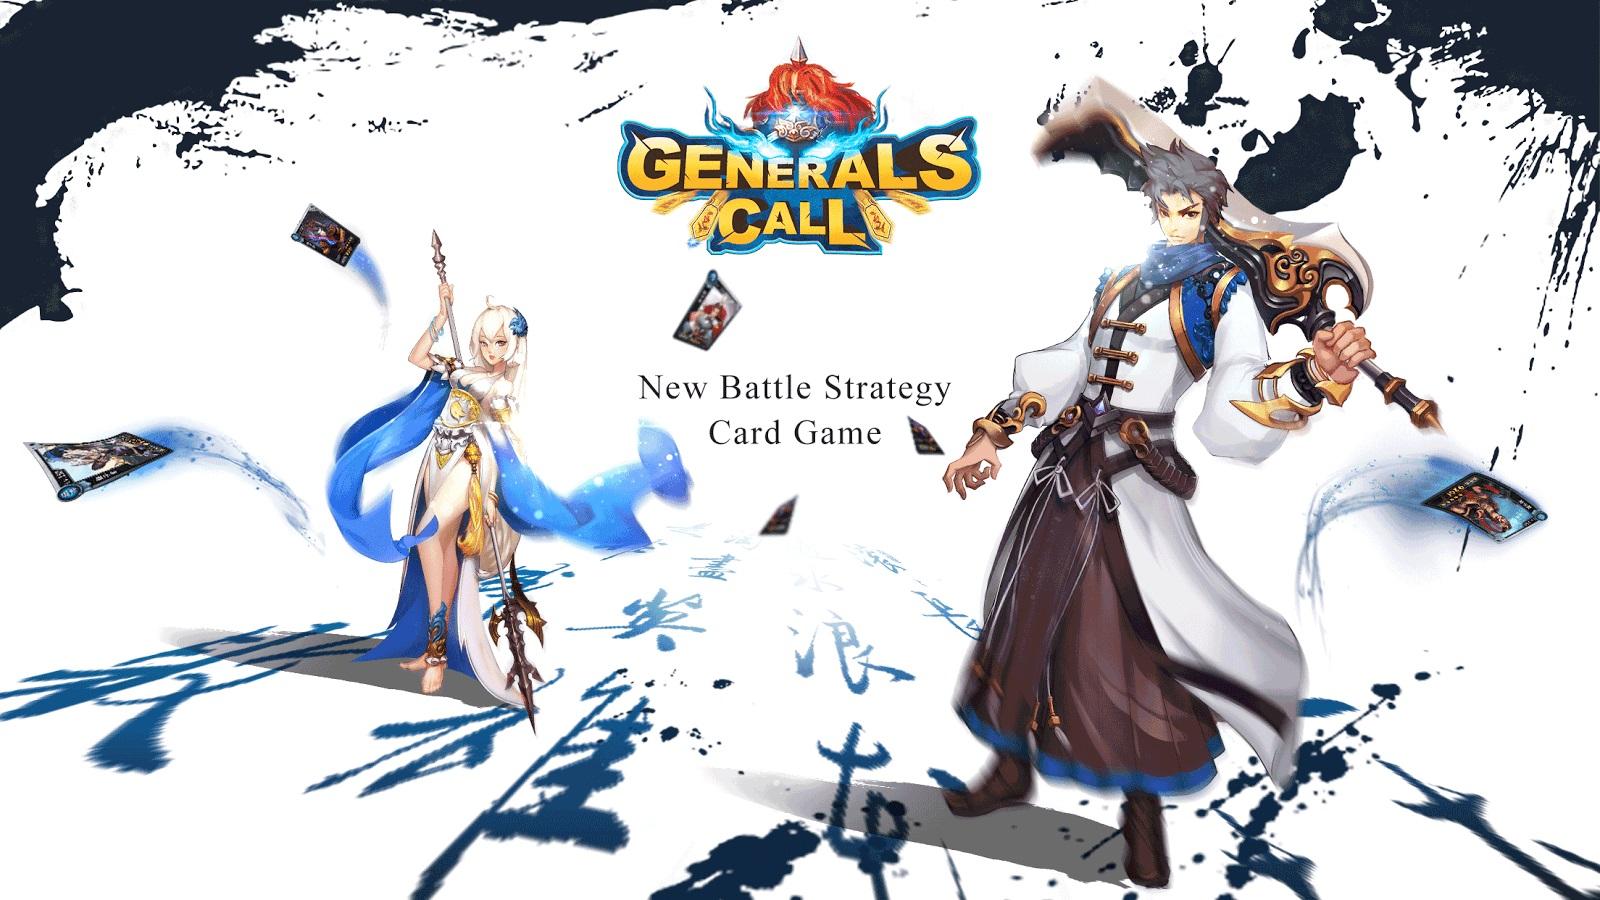 Generals Call